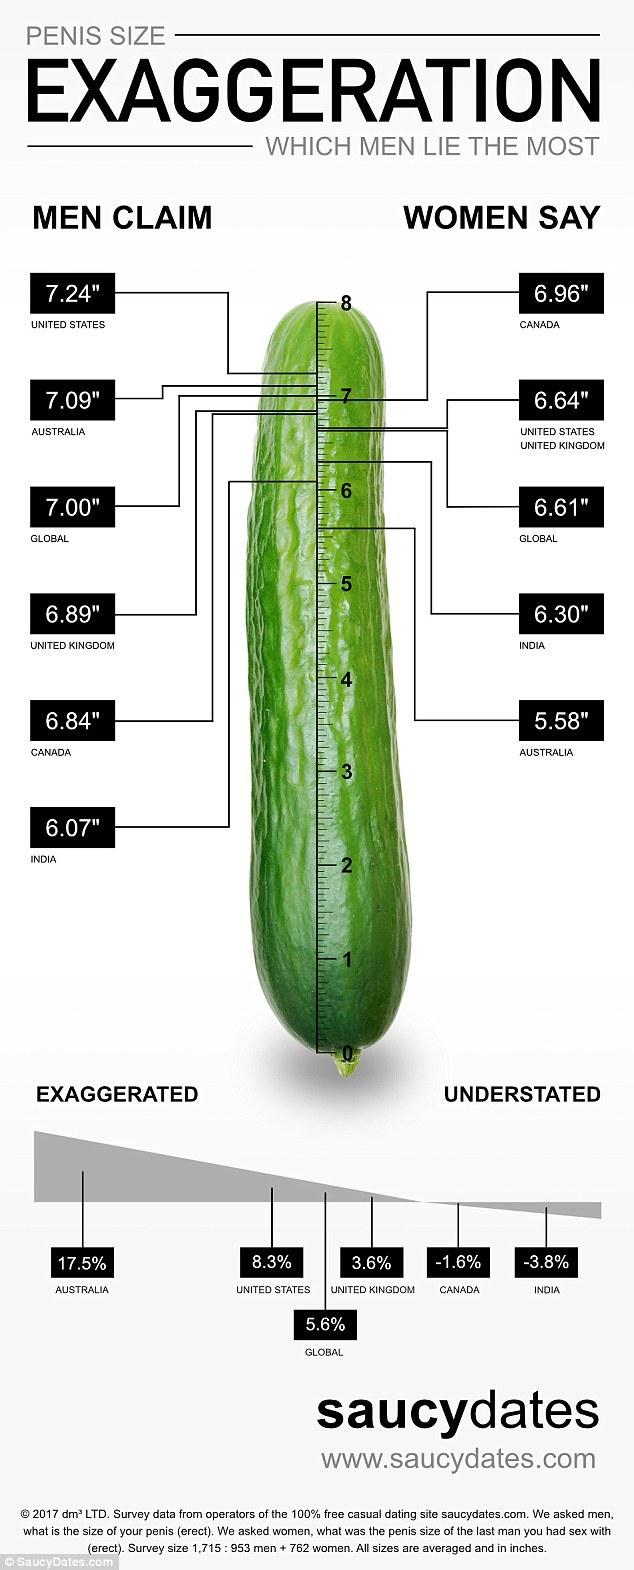 lungimea penisului este normală erecție îmbunătățită